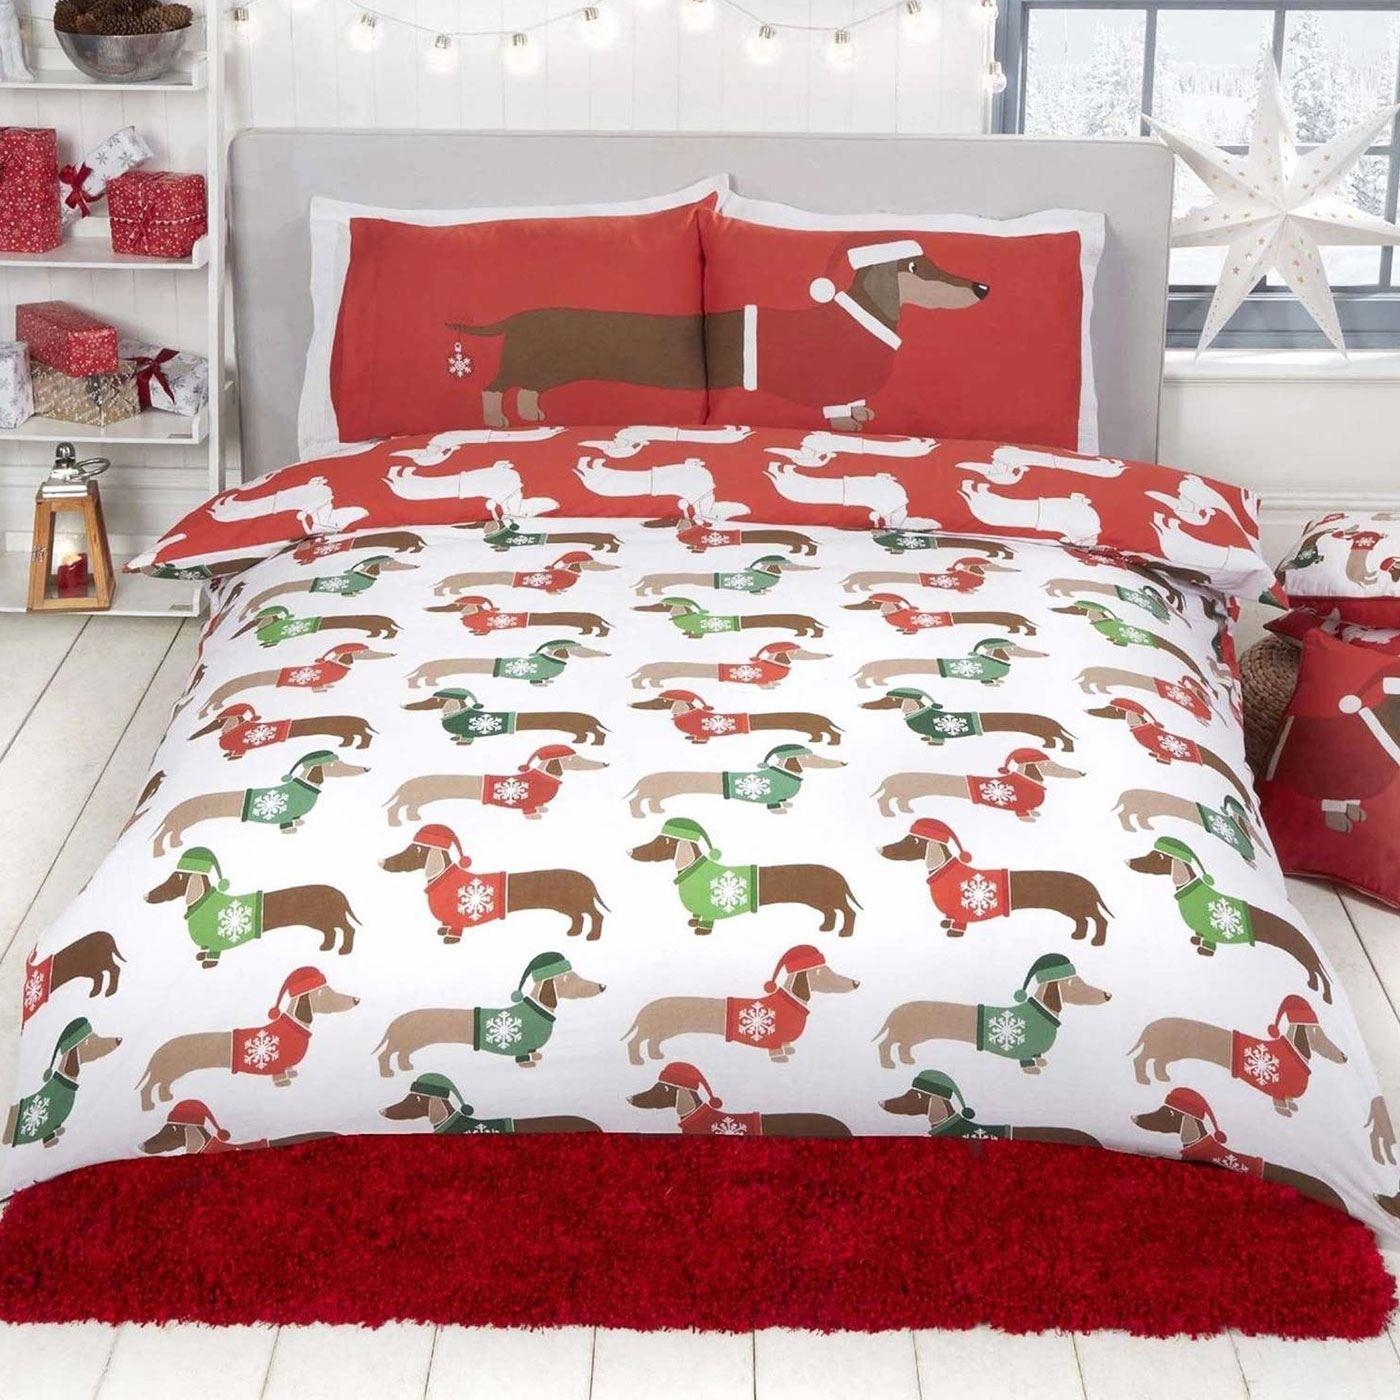 Indexbild 76 - Kinder Weihnachten Bettbezug Sets - Junior Einzel Doppel King - Elf Emoji Grinch